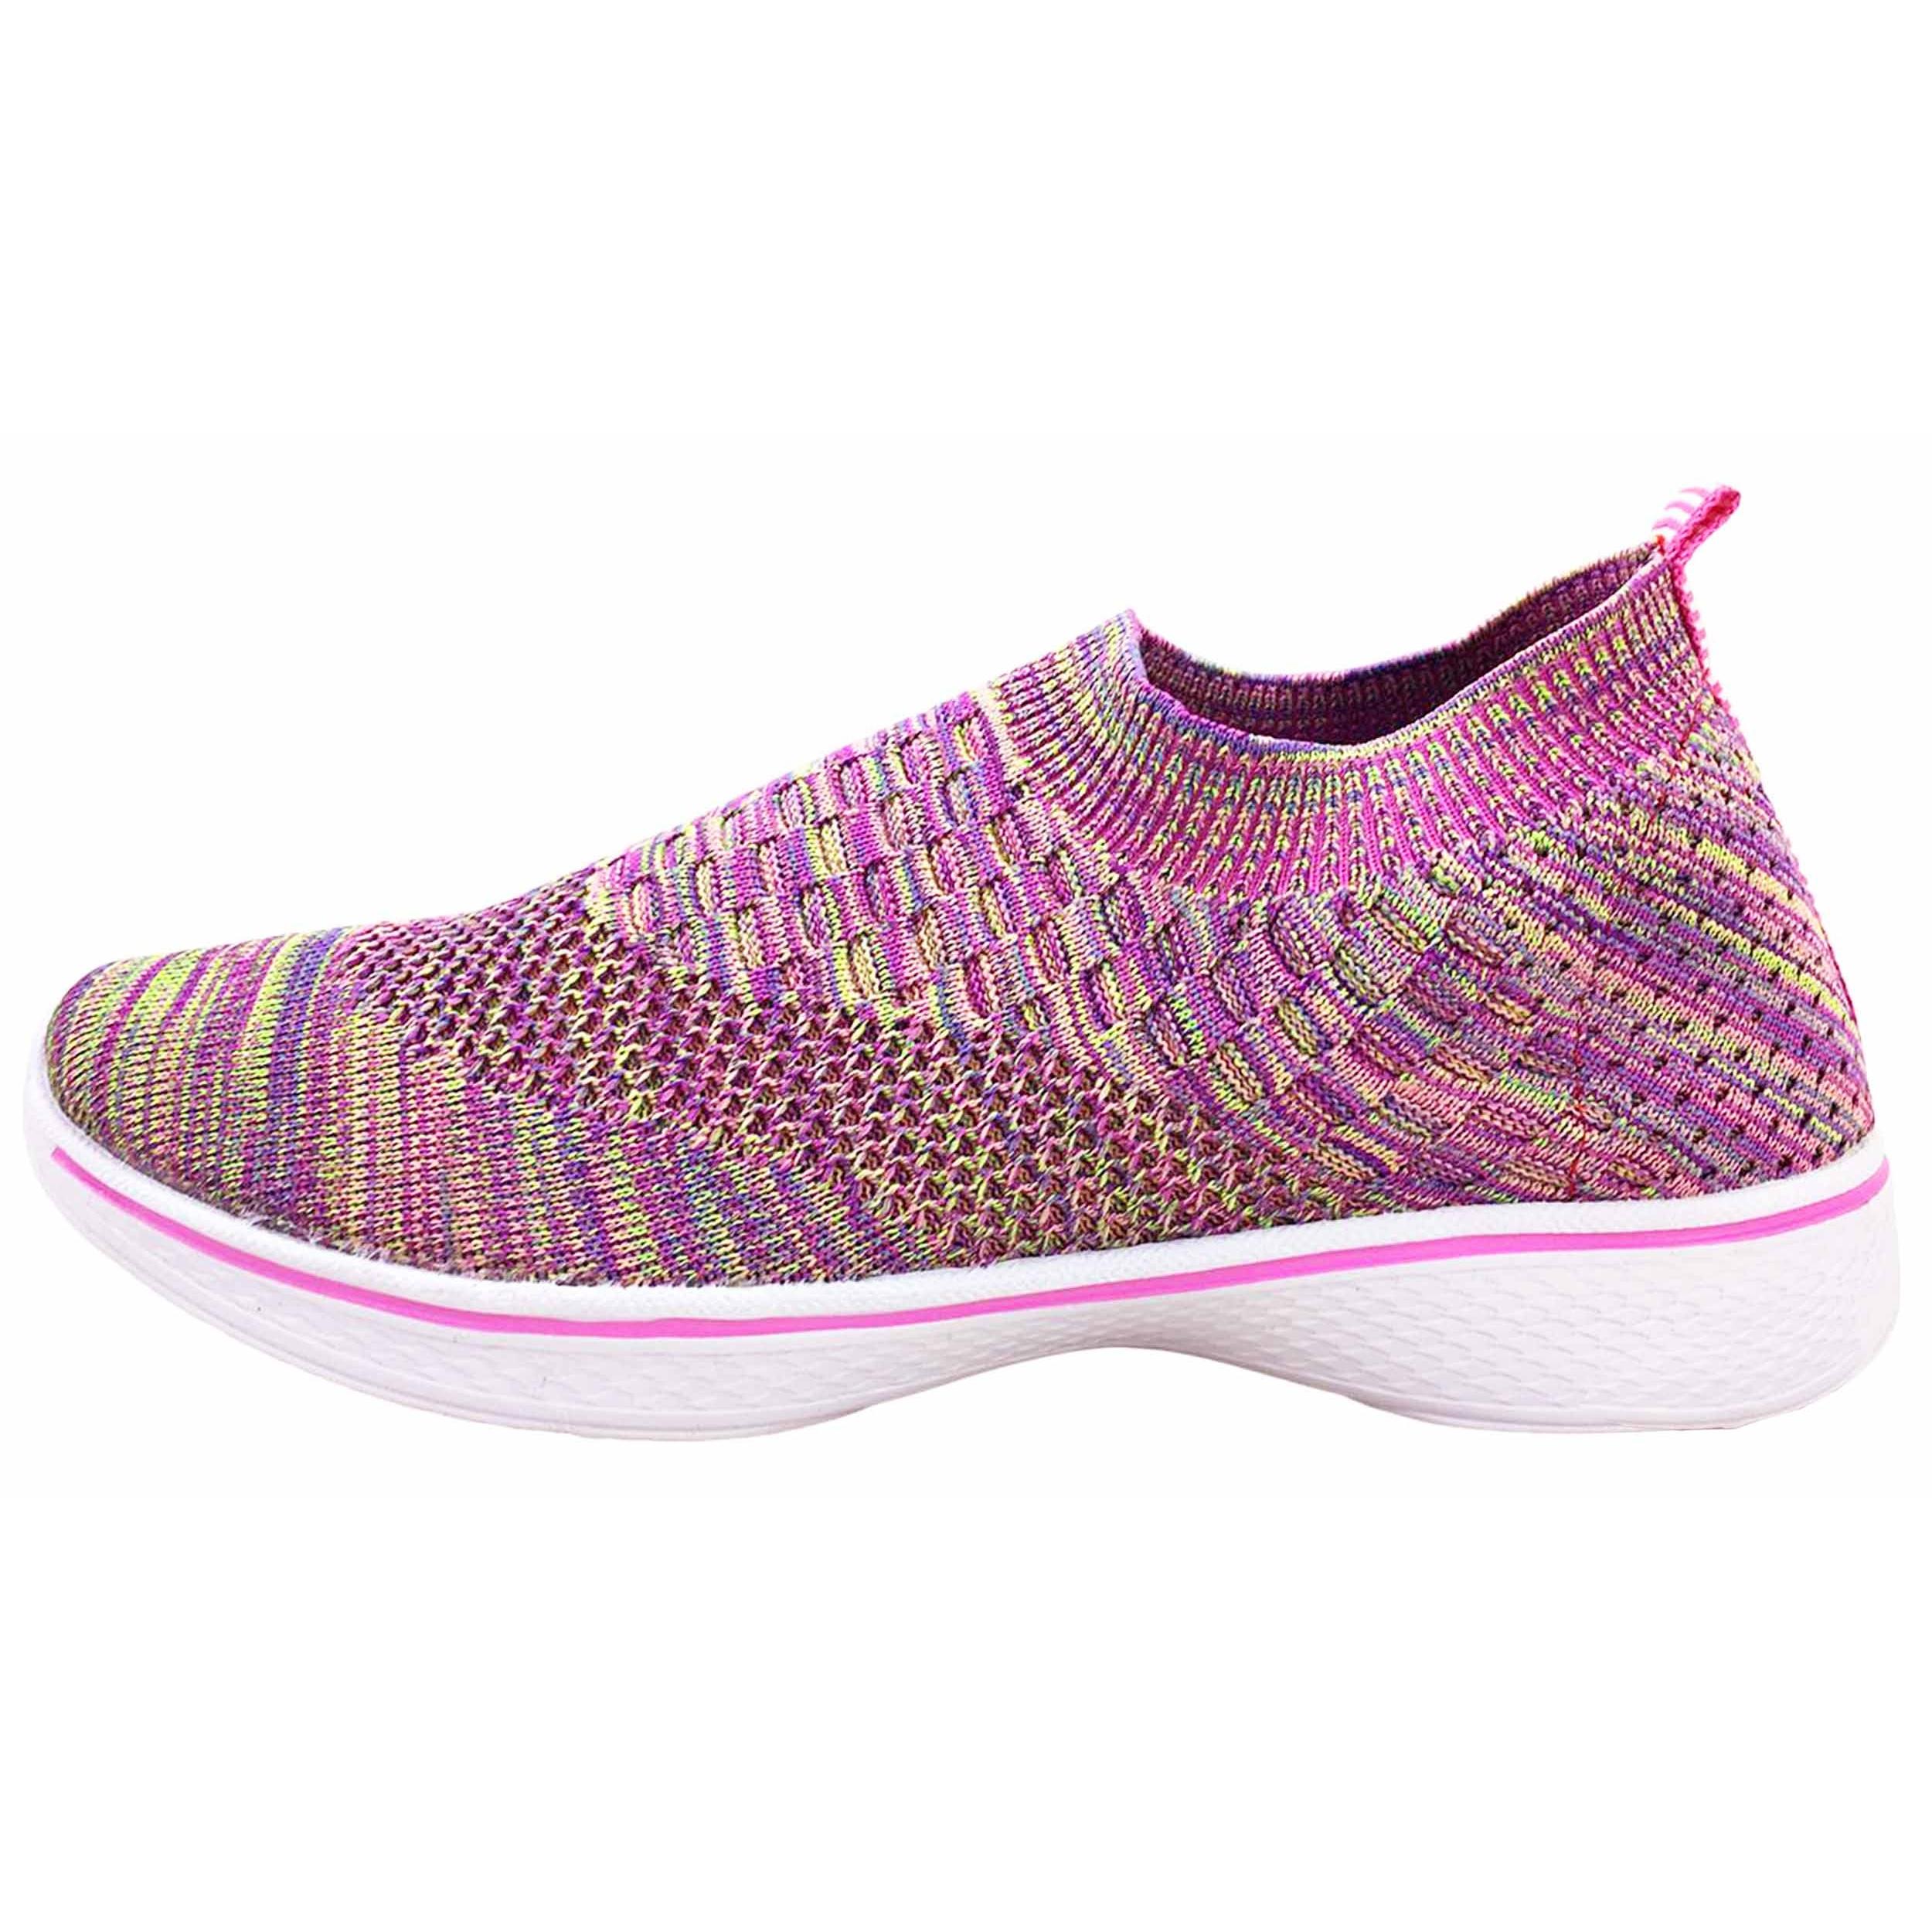 کفش مخصوص پیاده روی زنانه نسیم مدل پاریس میانه کد W3052